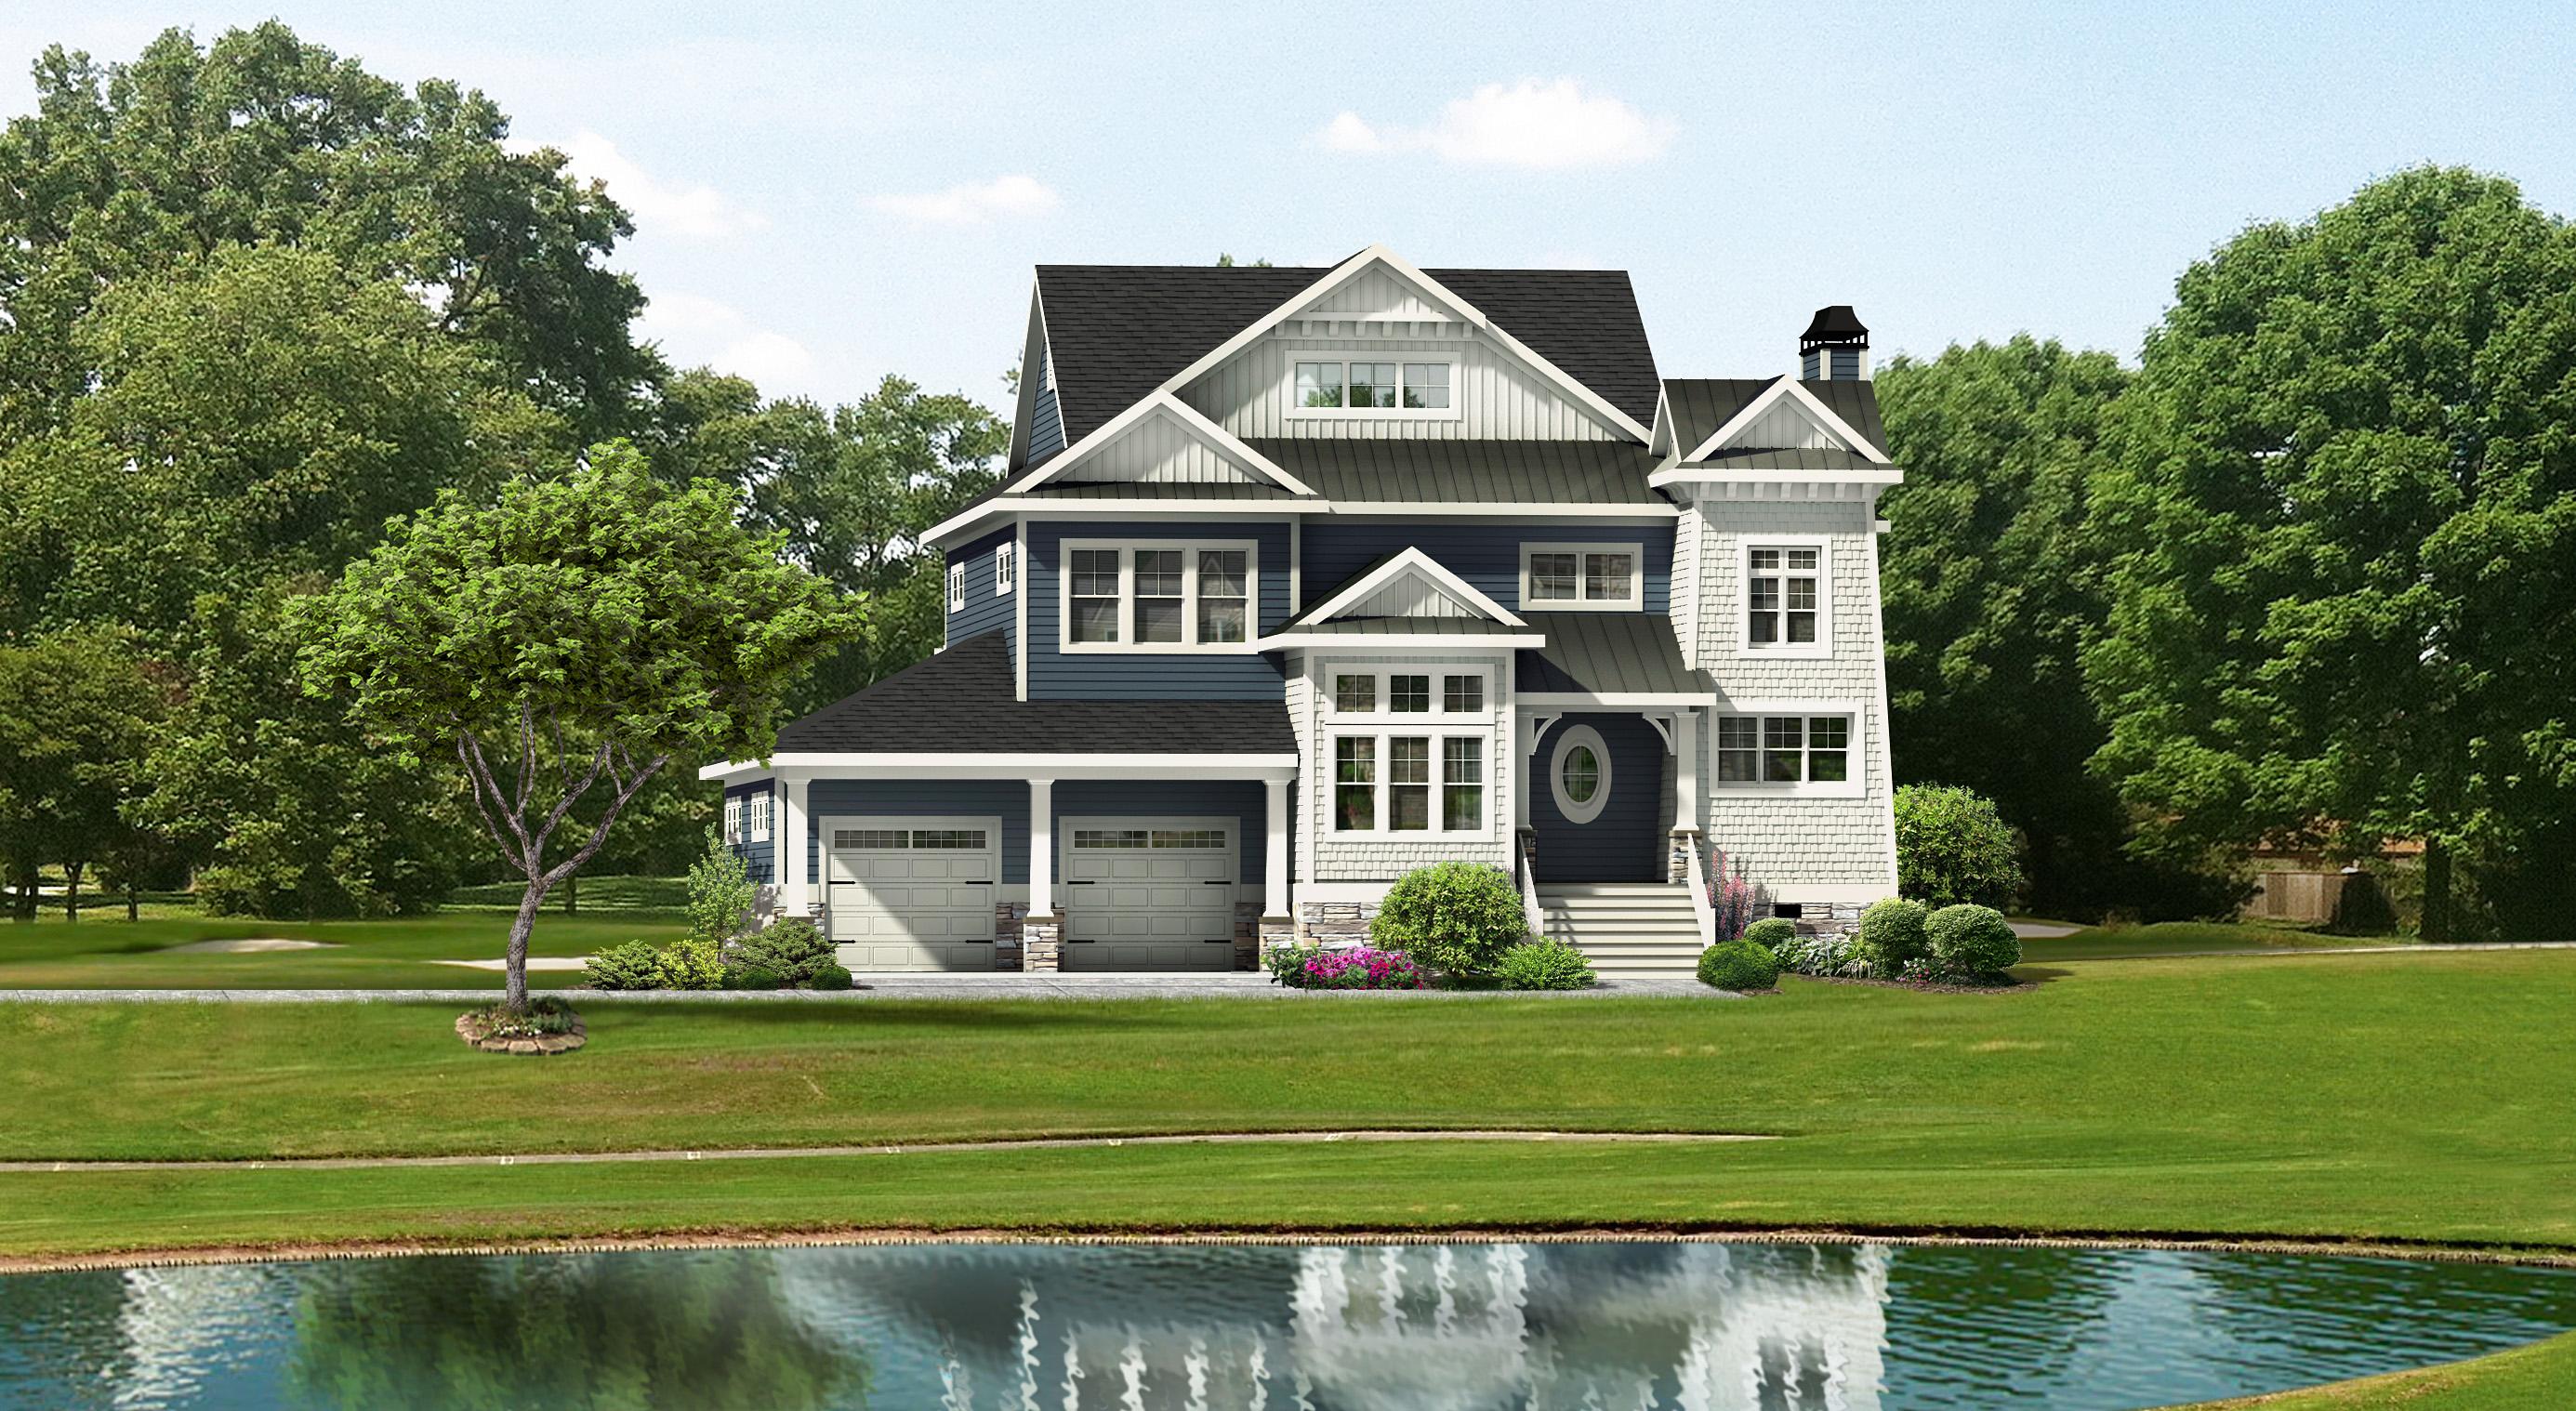 Частный односемейный дом для того Продажа на 33403 Marina Bay Cir, Millsboro, DE 19966 33403 Marina Bay Cir St Croix 101 Millsboro, 19966 Соединенные Штаты